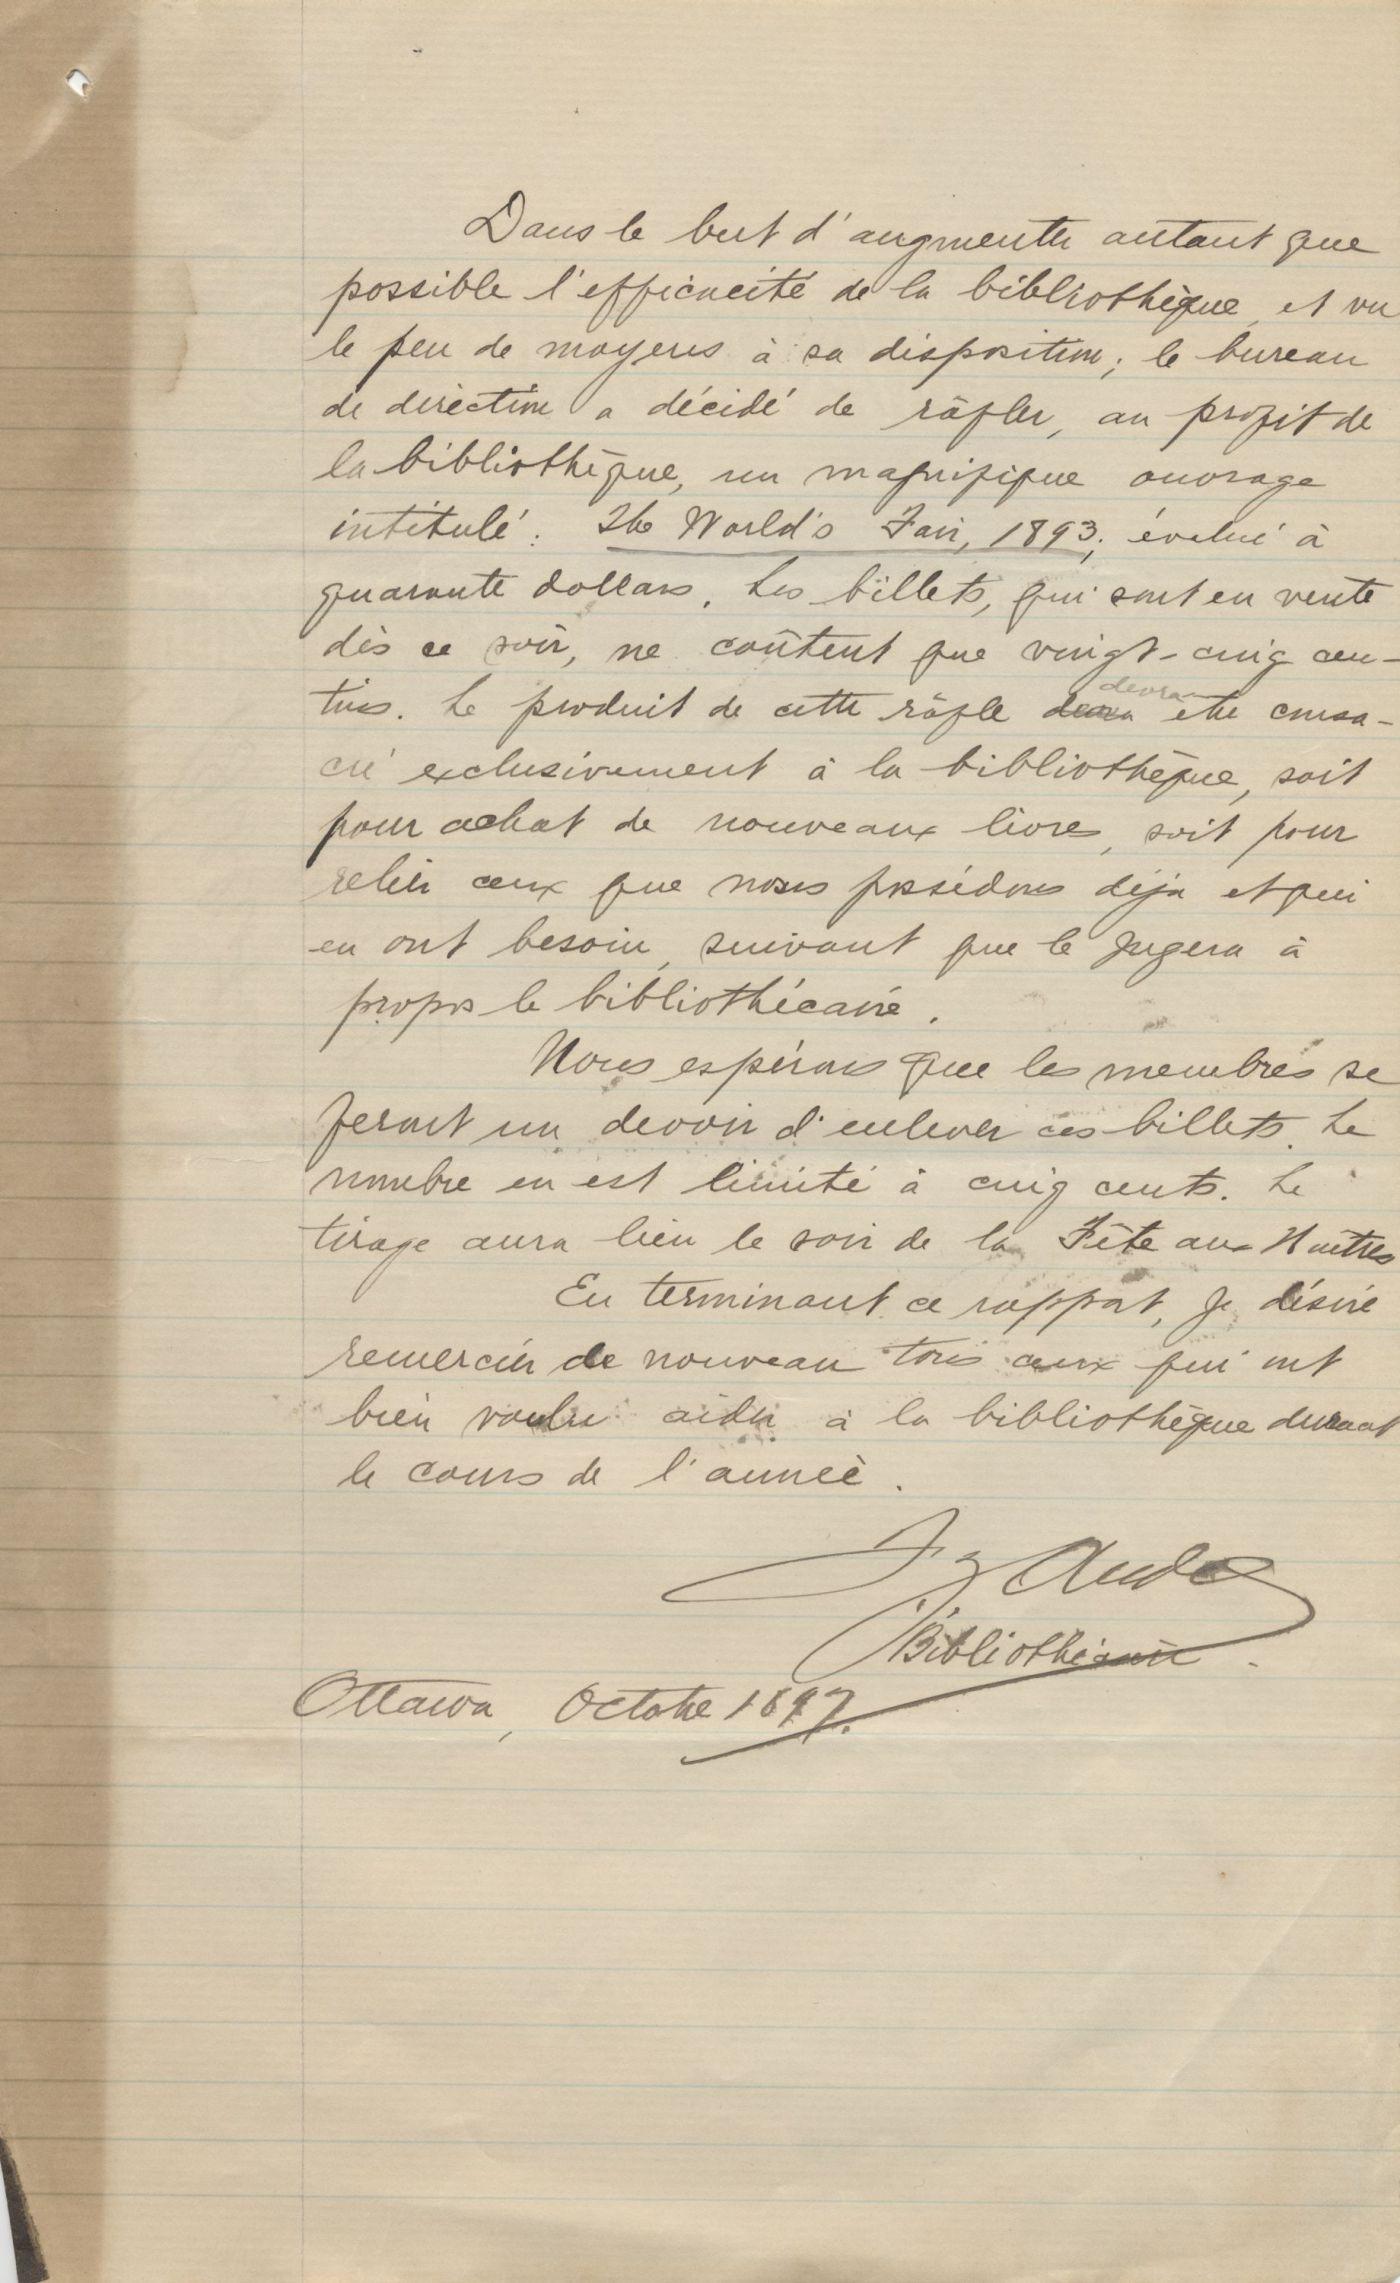 Rapport écrit à la main en français, avec corrections et ajouts au crayon. Il inclut une liste des donateurs et une liste des journaux et revues qui font partie de la collection. Il est signé par le bibliothécaire, à Ottawa, en octobre 1897.